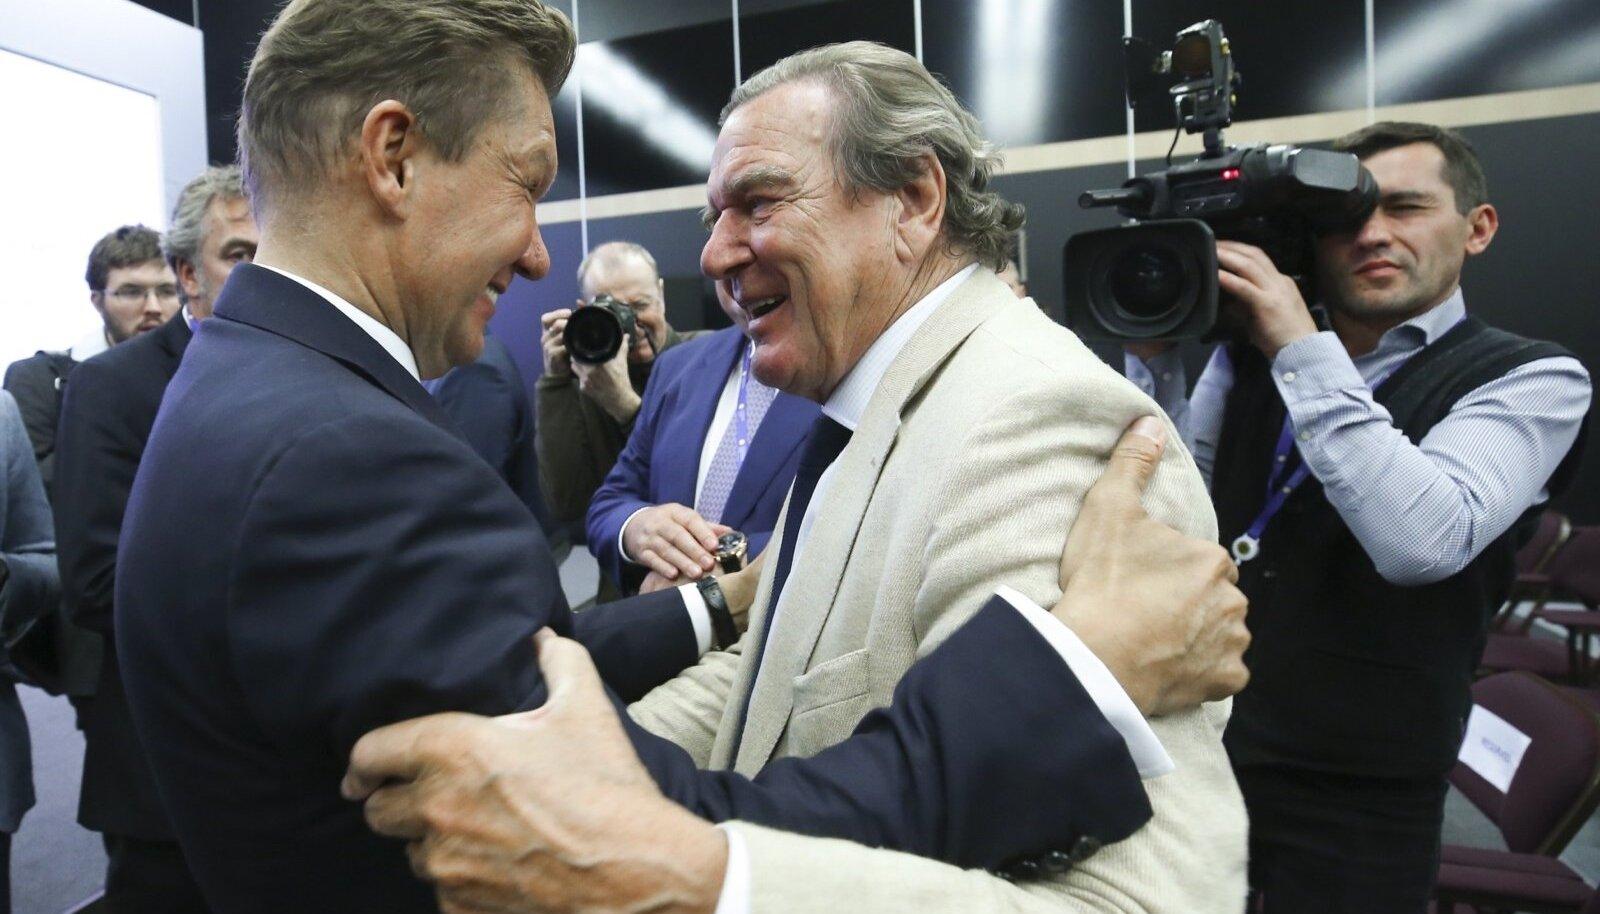 Saksamaa ekskantsler, Nord Stream 2 nõukogu juht Gerhard Schröder (paremal) ja Gazpromi juht Aleksei Miller embasid teineteist juuni alguses Peterburi majandusfoorumil.